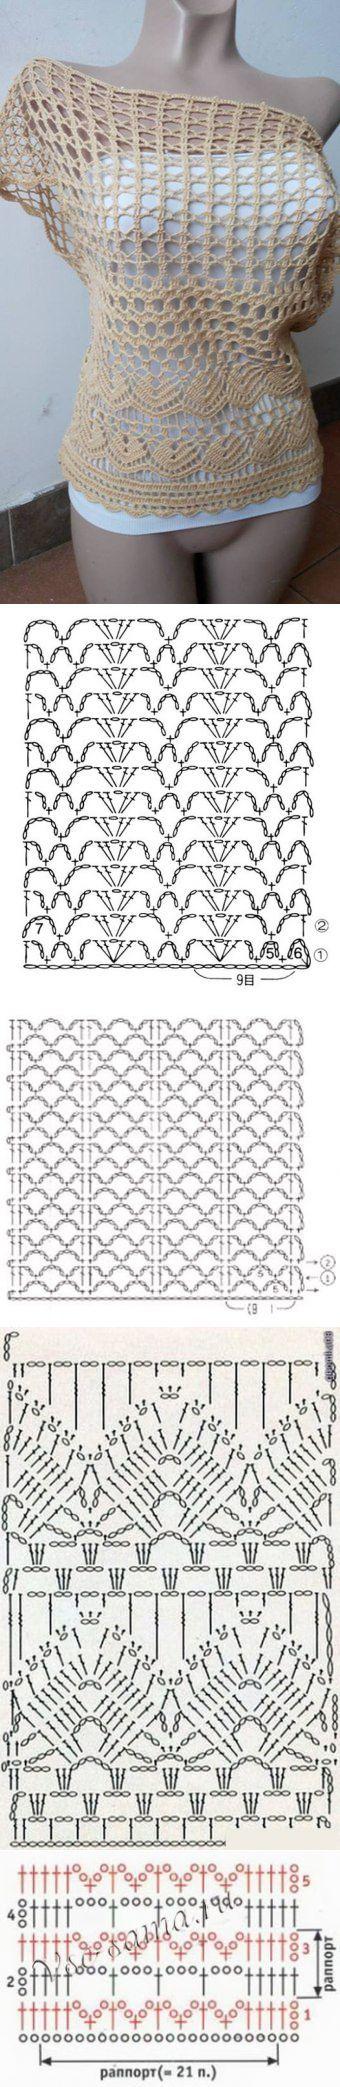 Tejer esquema túnica.  Cómo tejer túnica |  Todos costura: el esquema, clases magistrales, las ideas en línea labhousehold.com